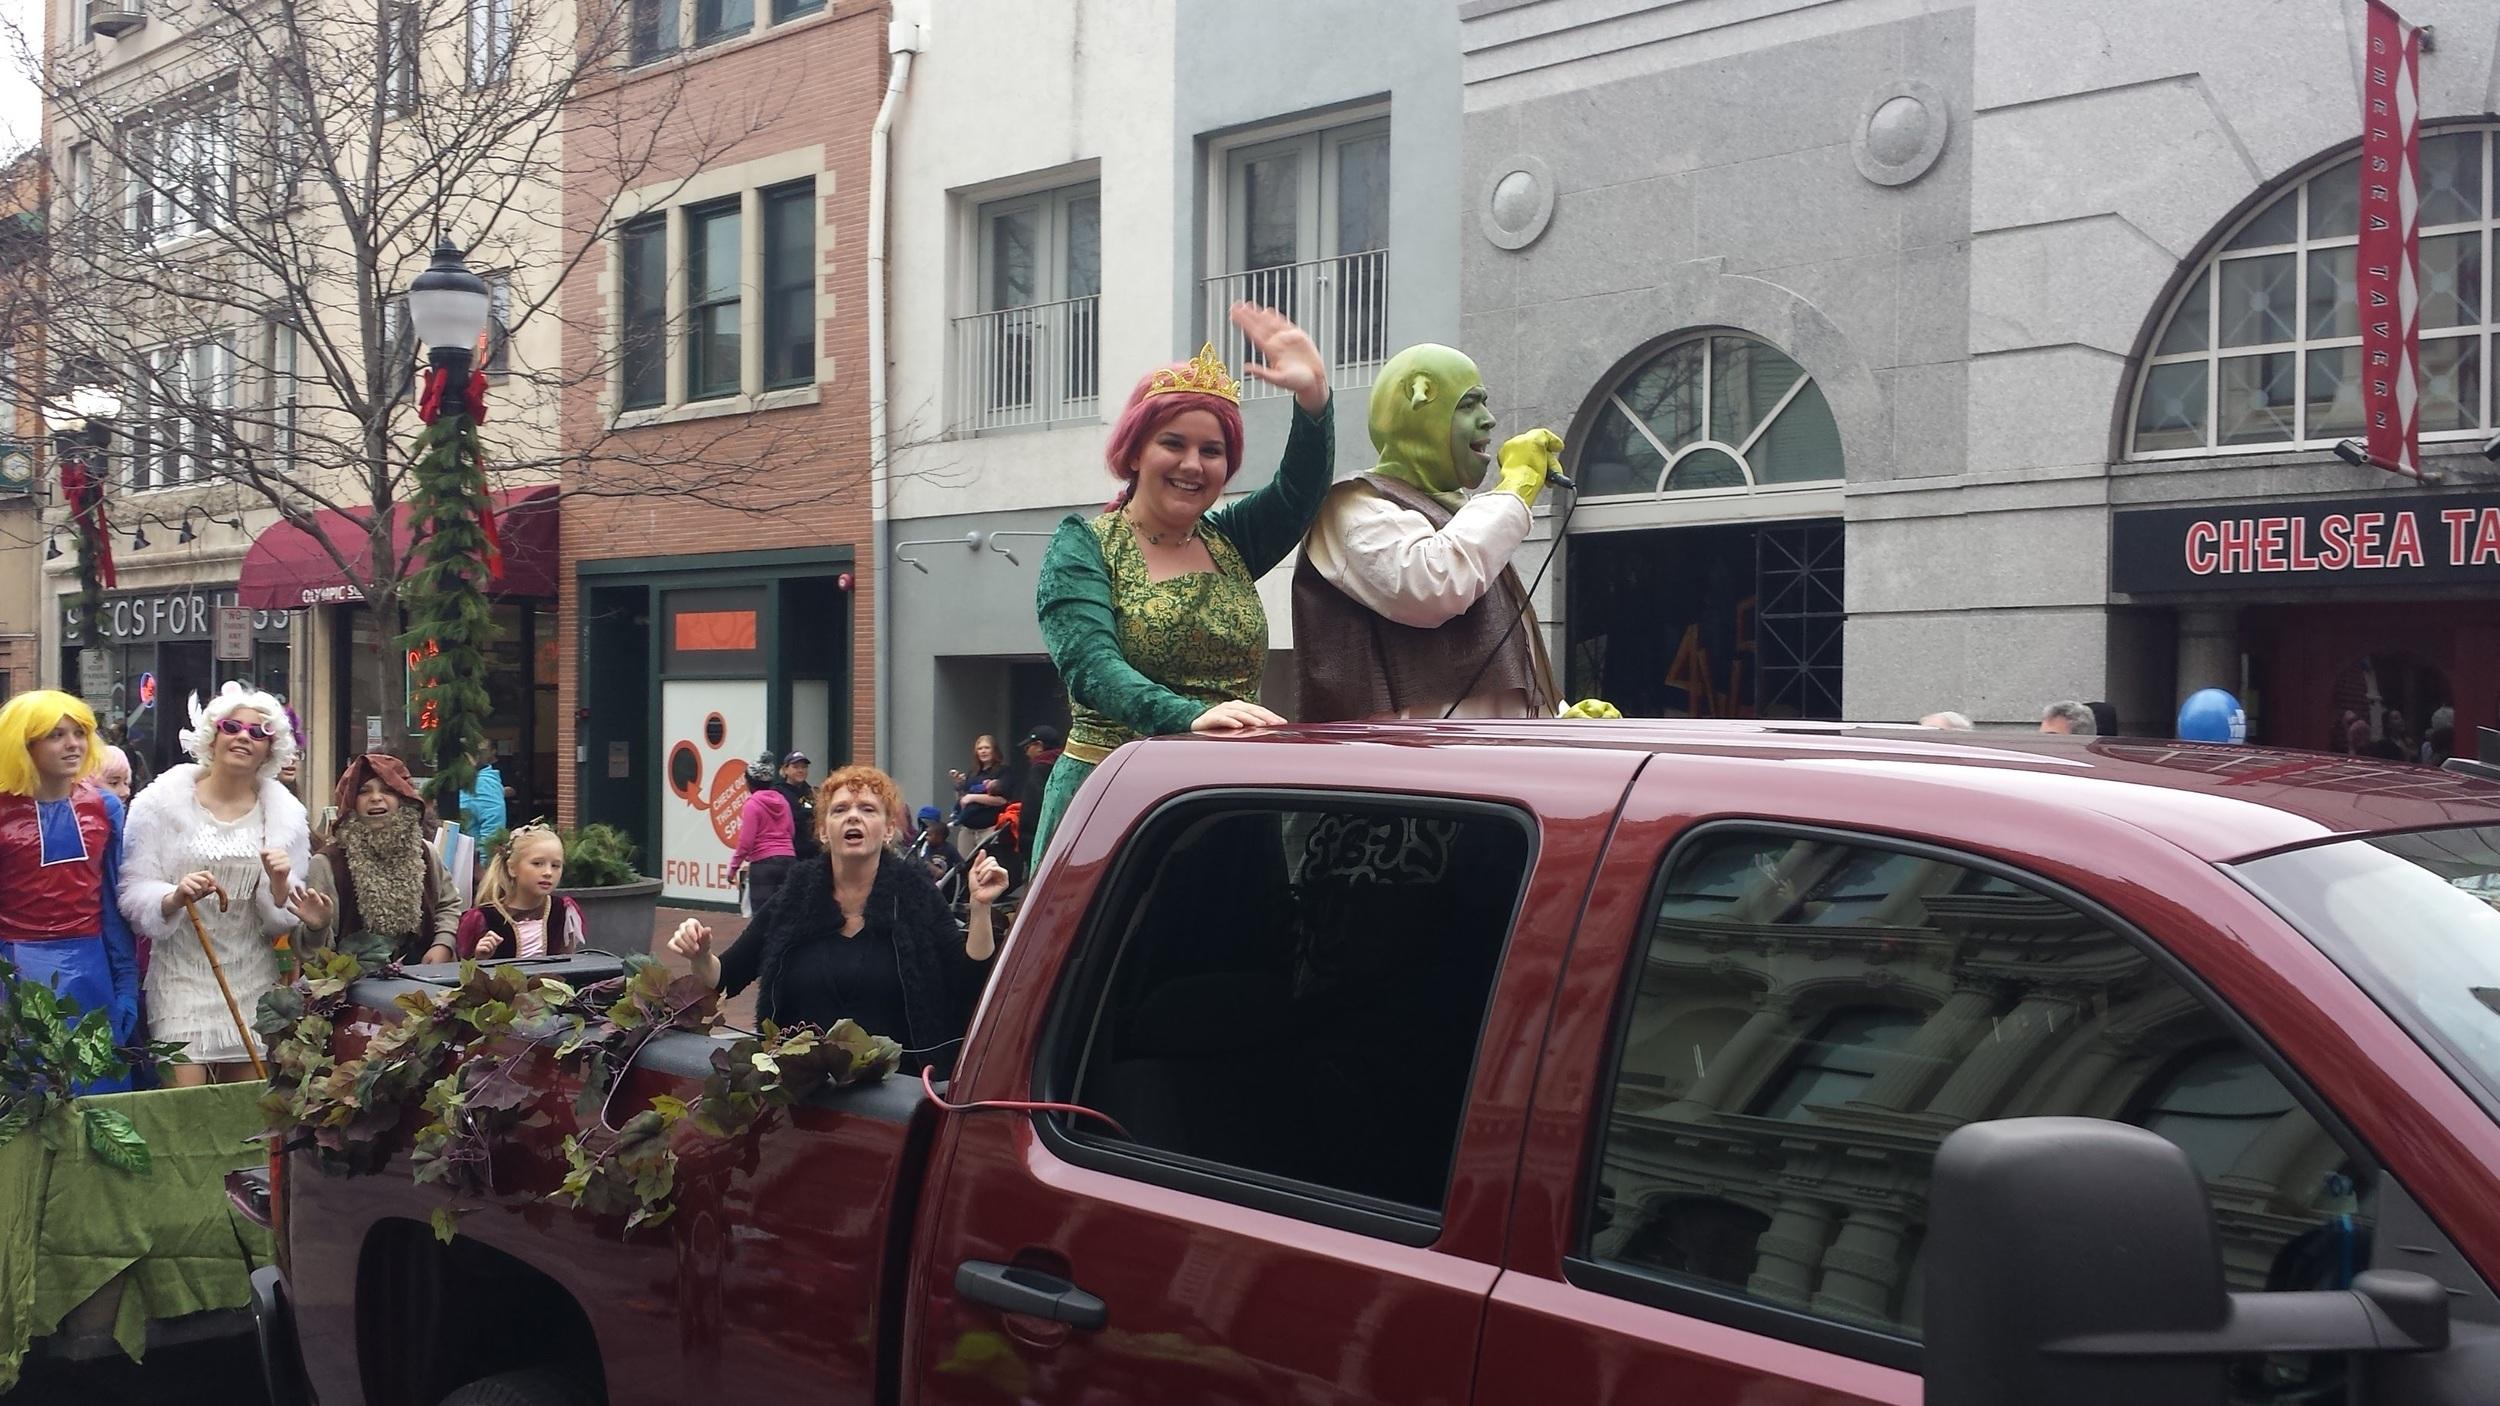 parade Nov 28, 2015 Shrek